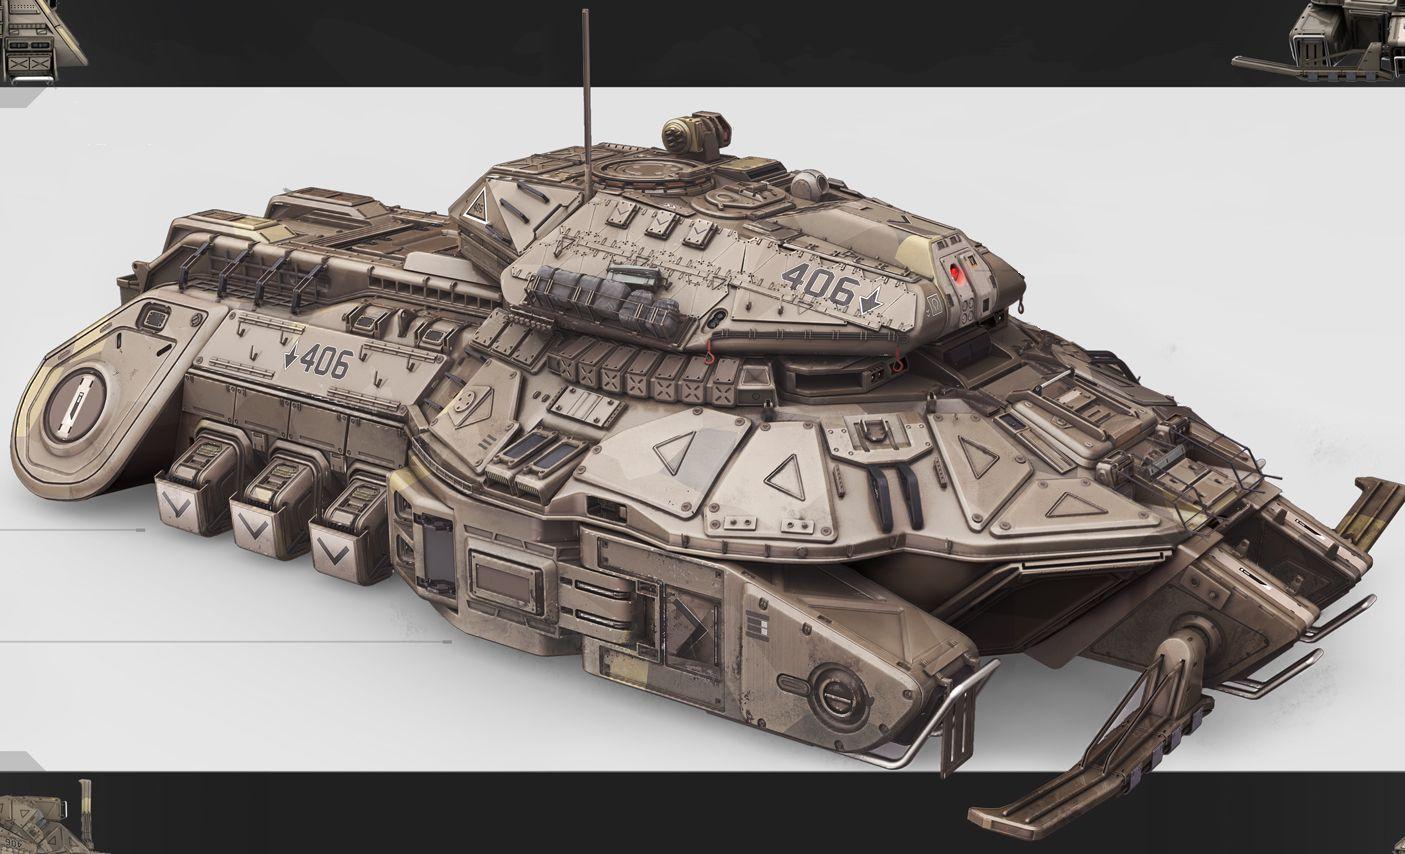 Pulsar_Hover_Tank.jpg